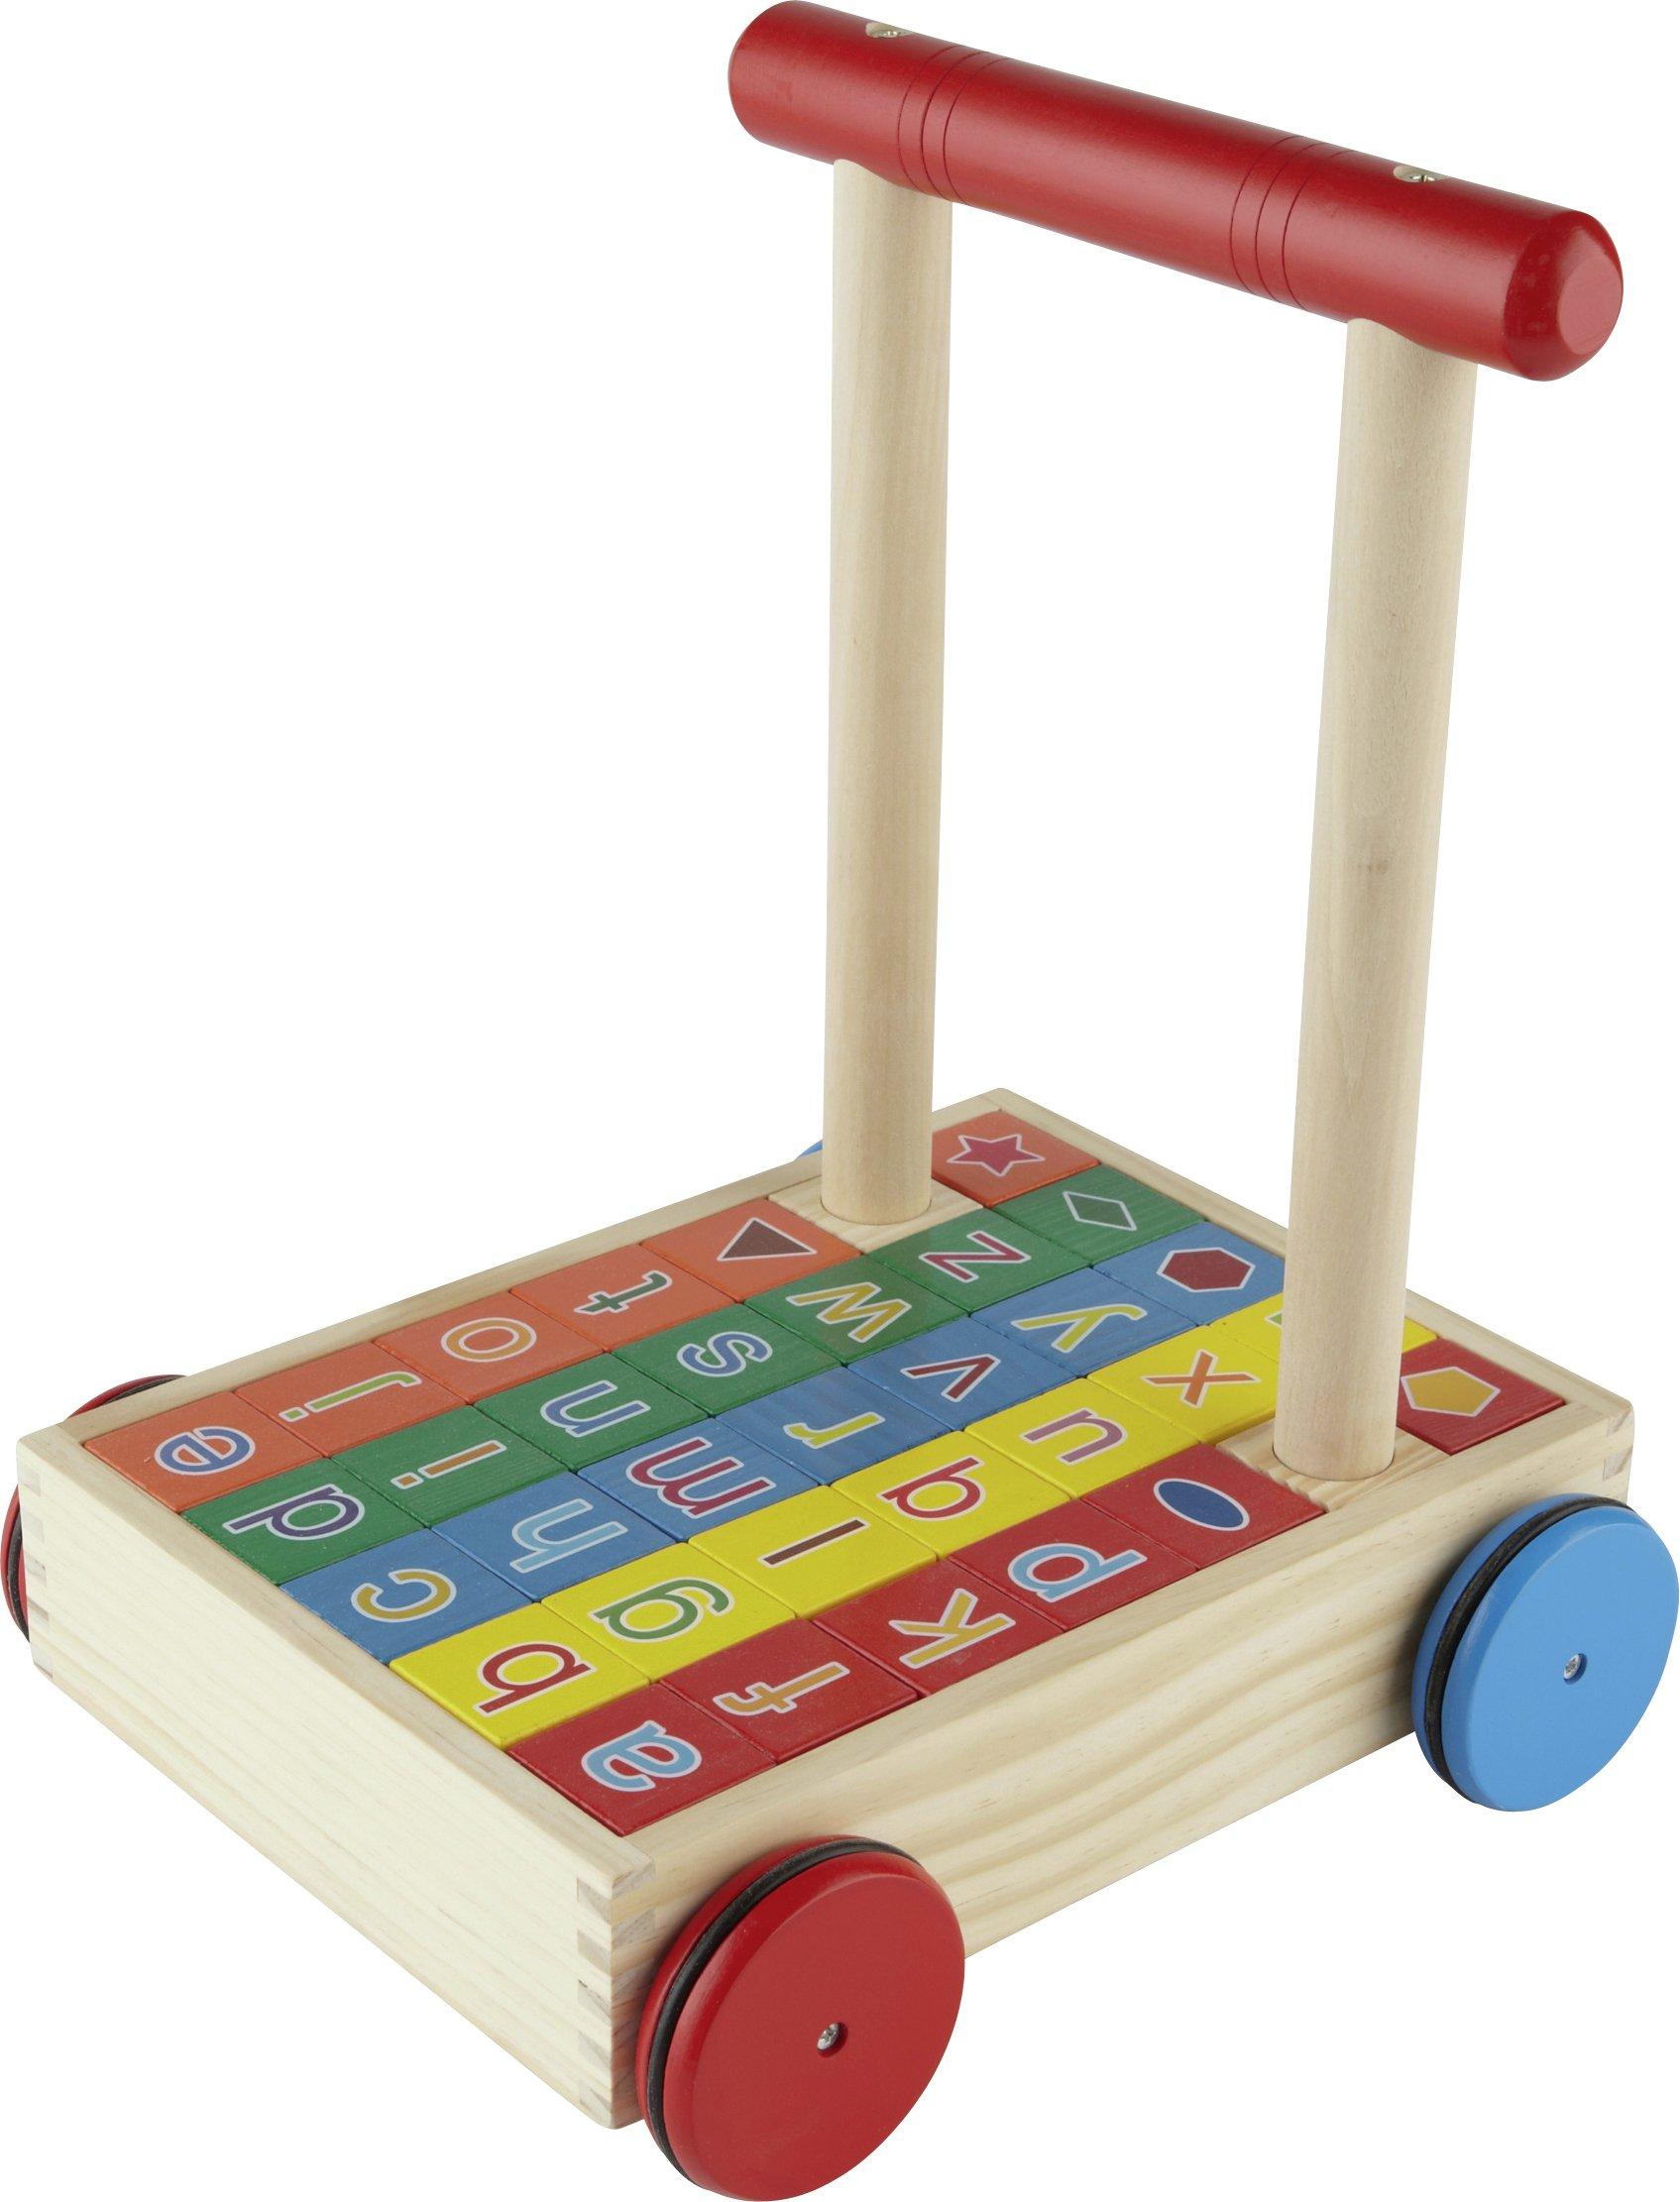 Chad Valley Playsmart Wooden Alphabet Trolley 9147184